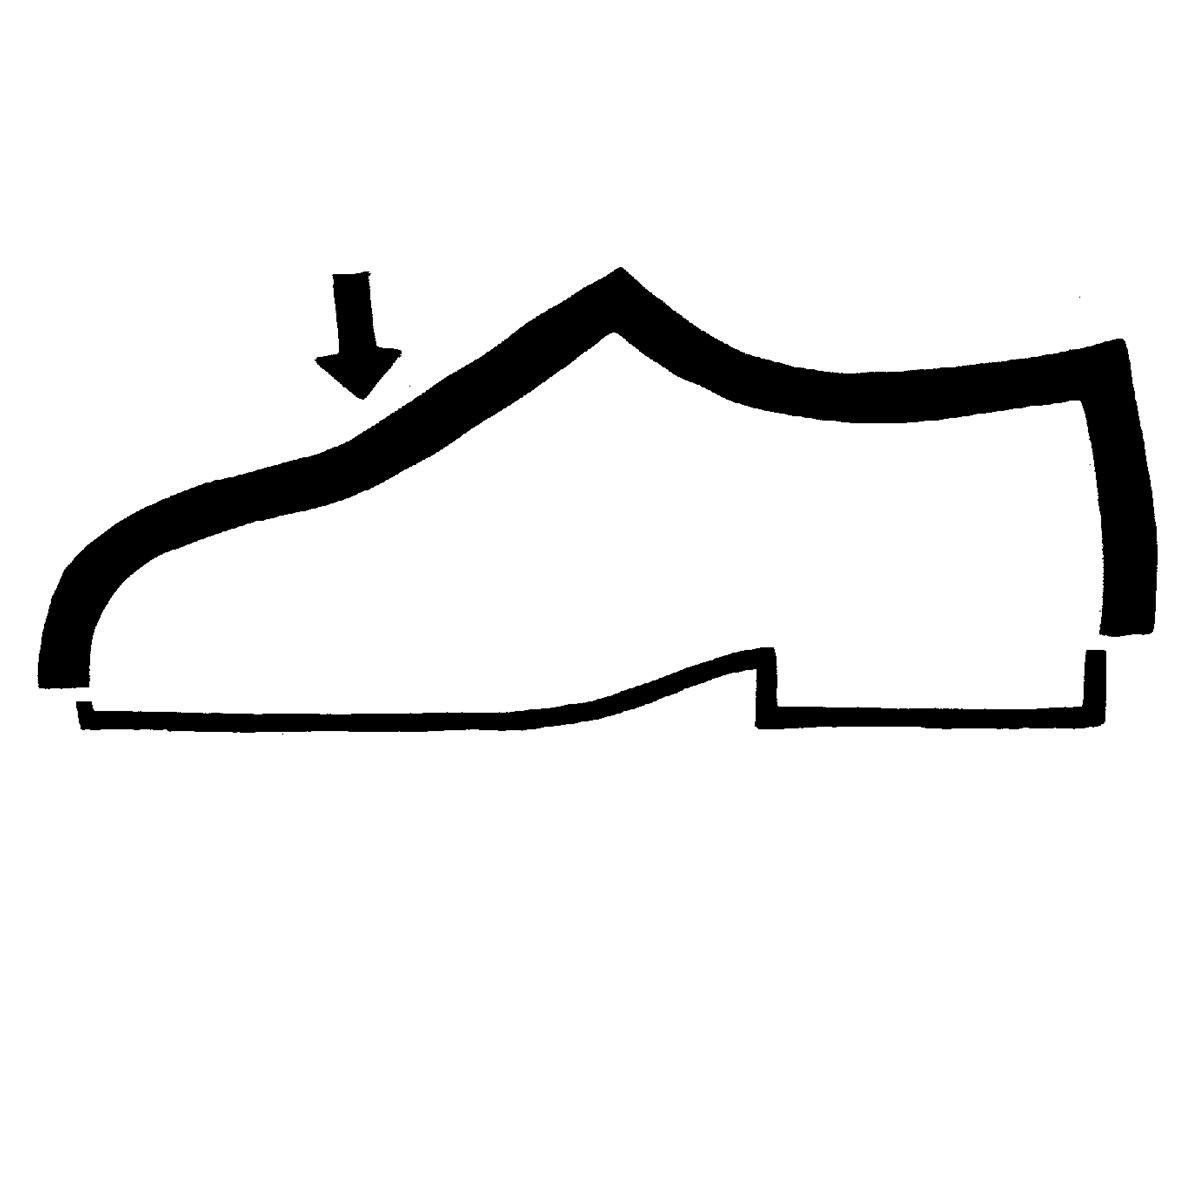 Schuhe - Obermaterial